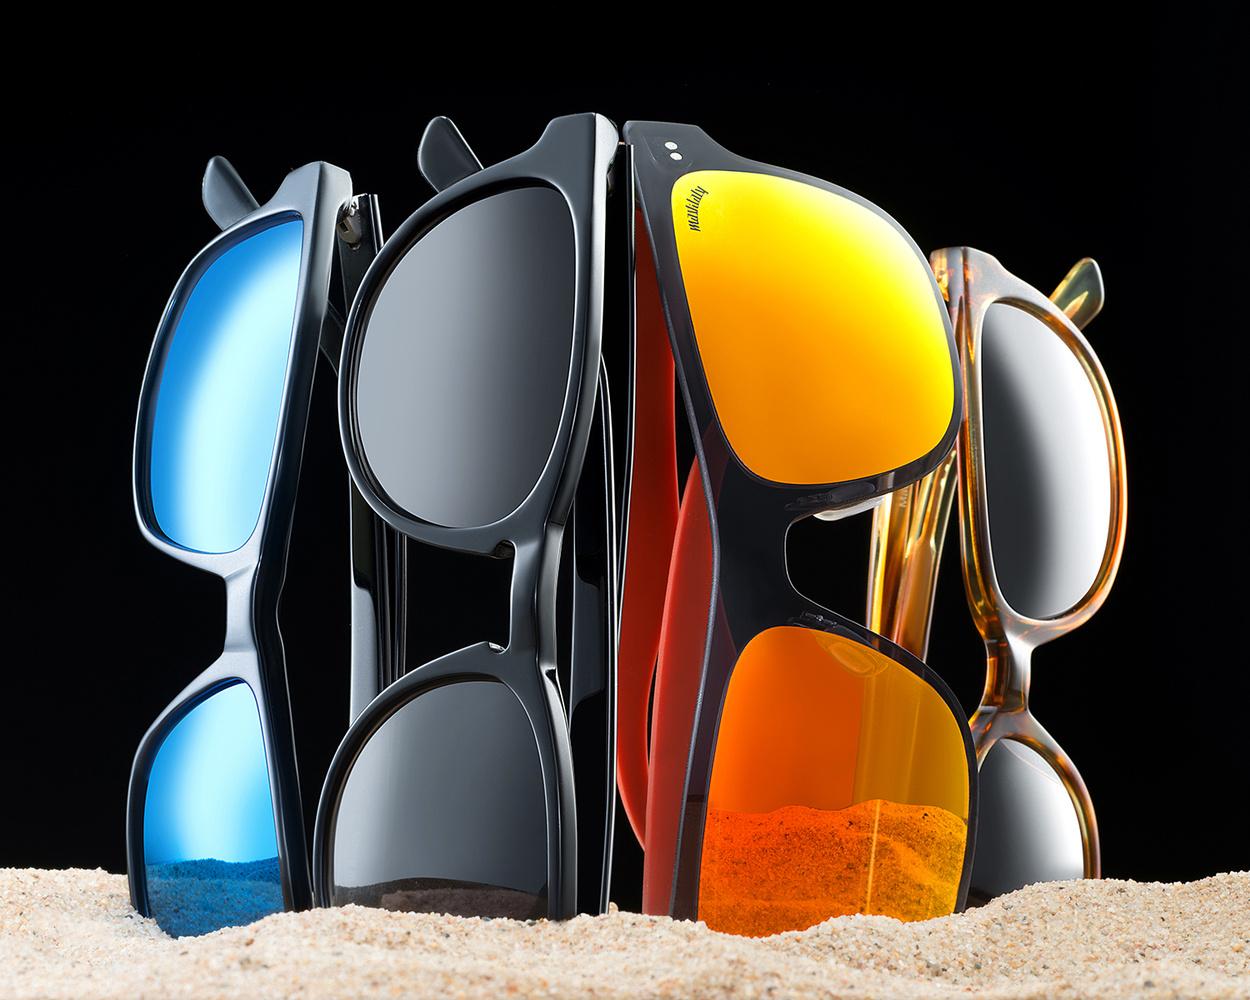 Sunwear at the beach  by Yechiel Orgel